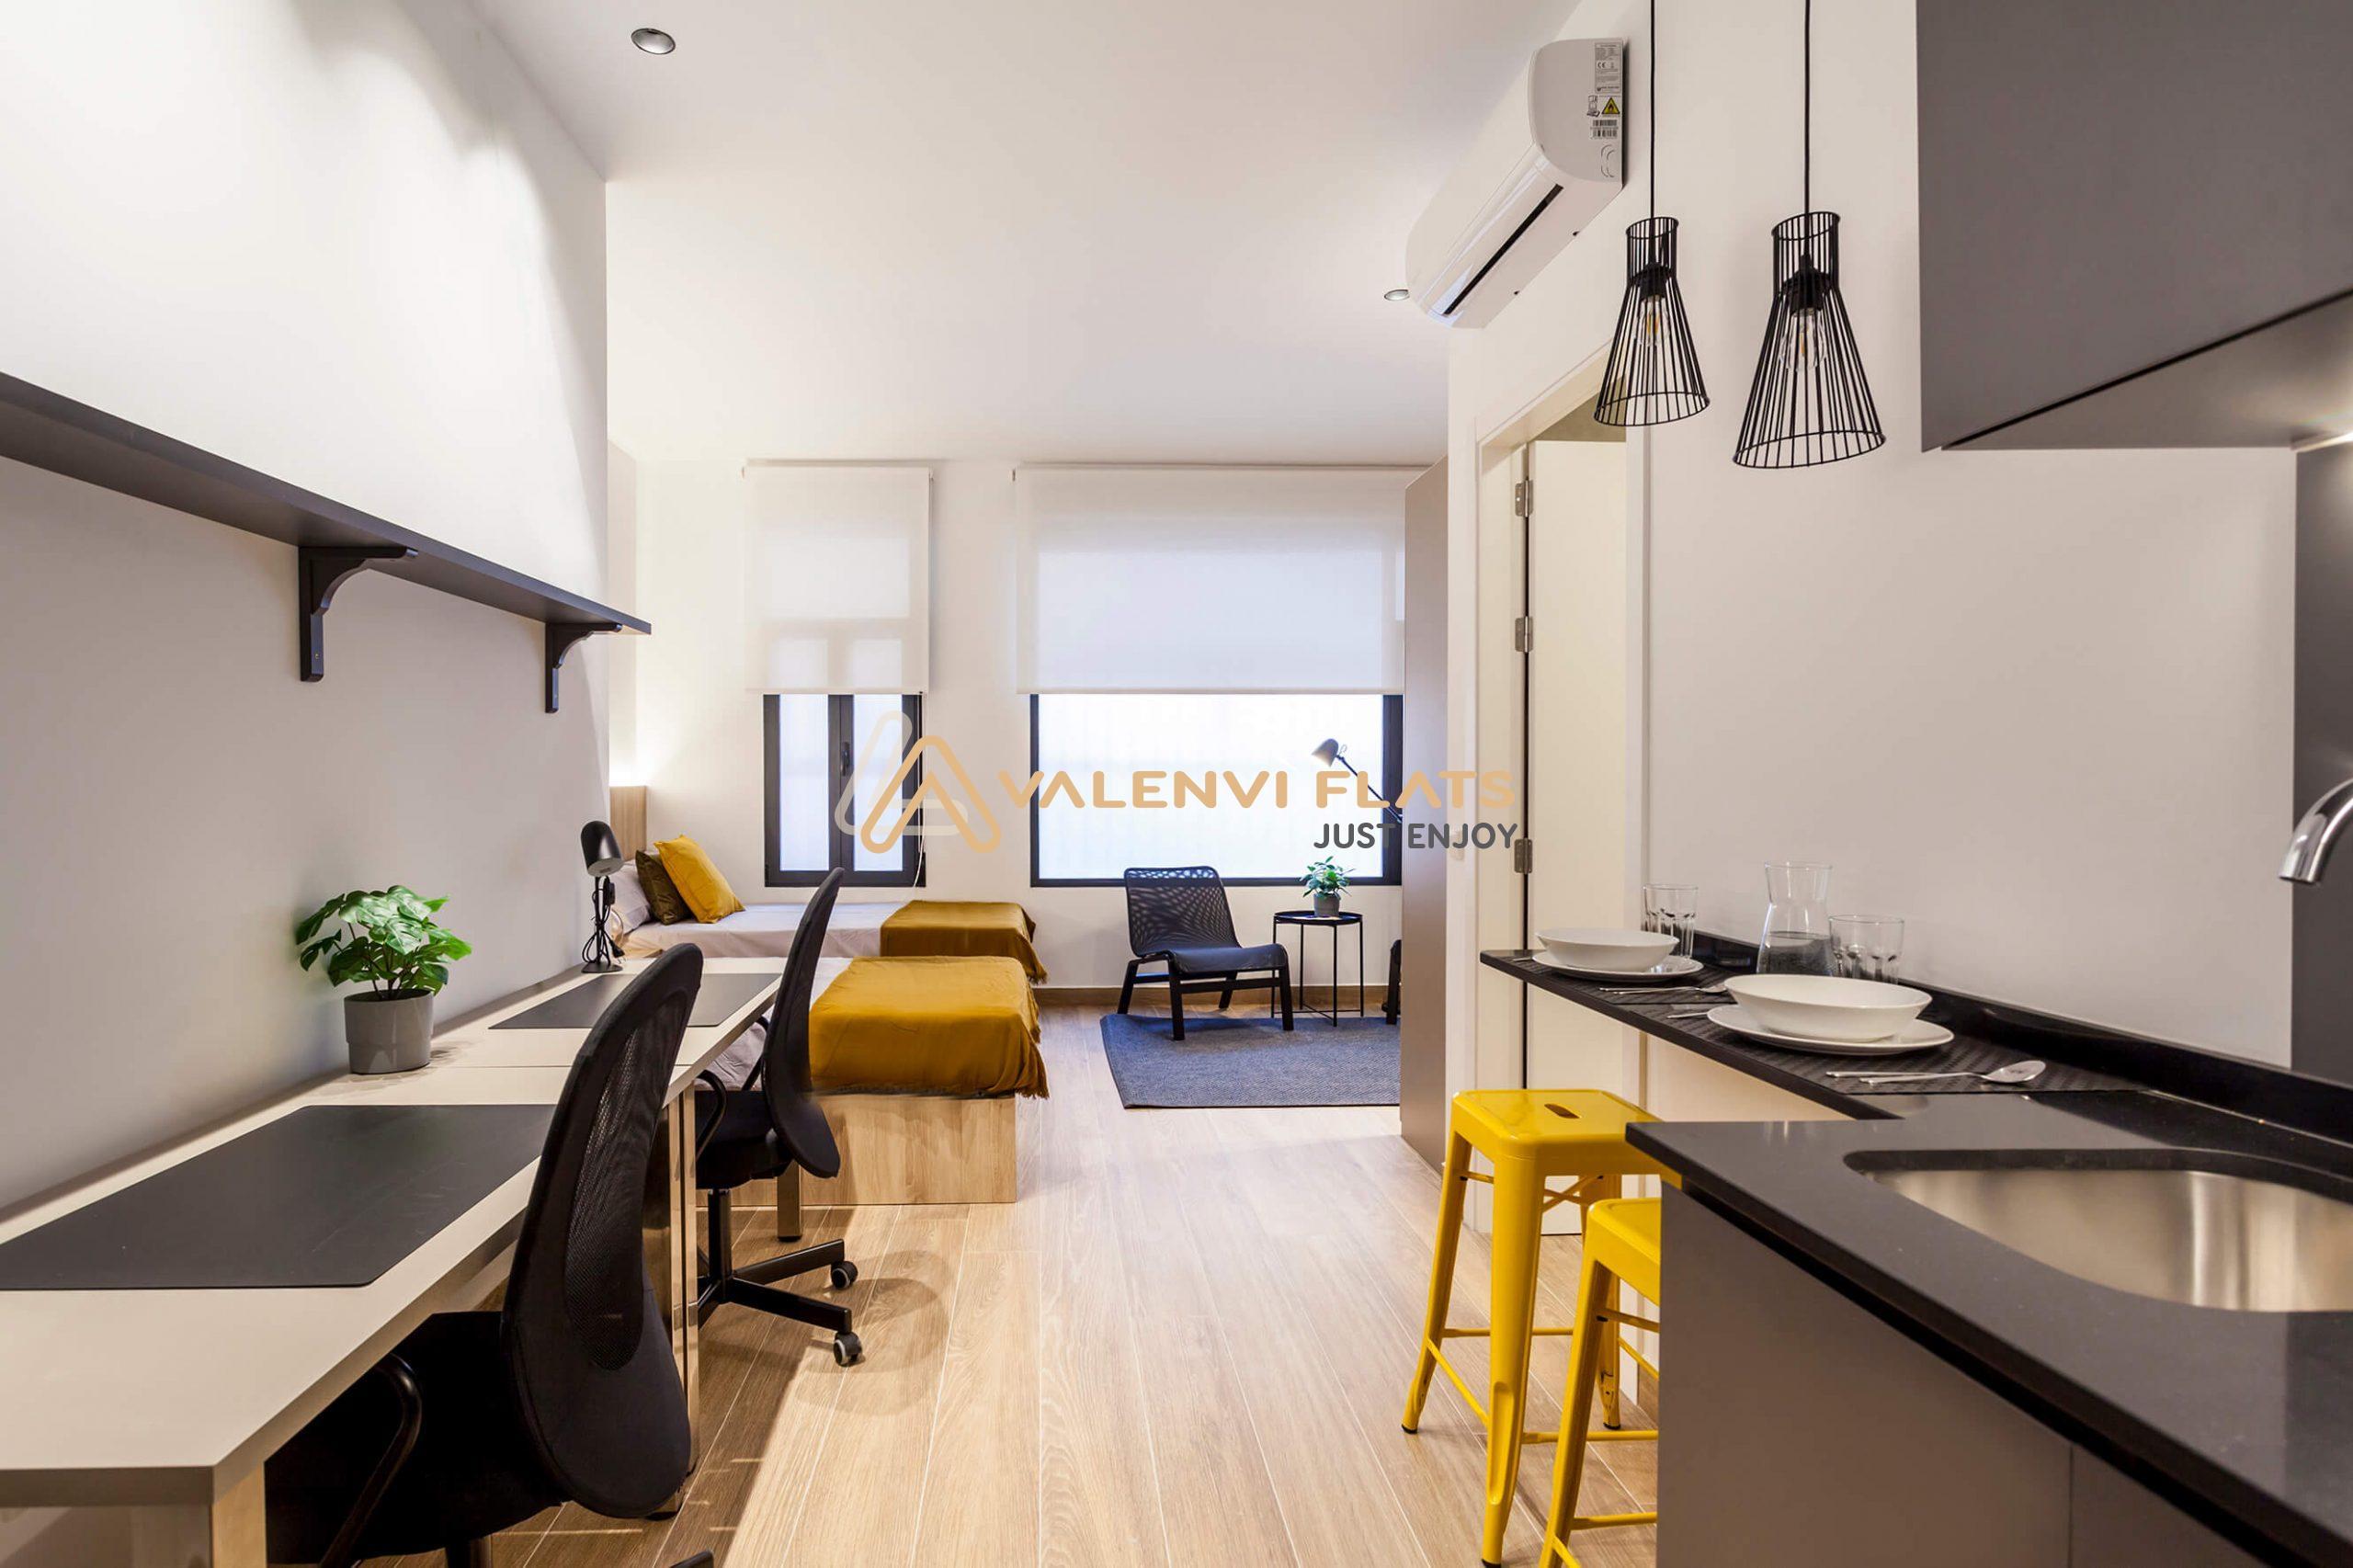 Estudio doble con cocina office, baño y mesas de trabajo en Coliving en Benimaclet